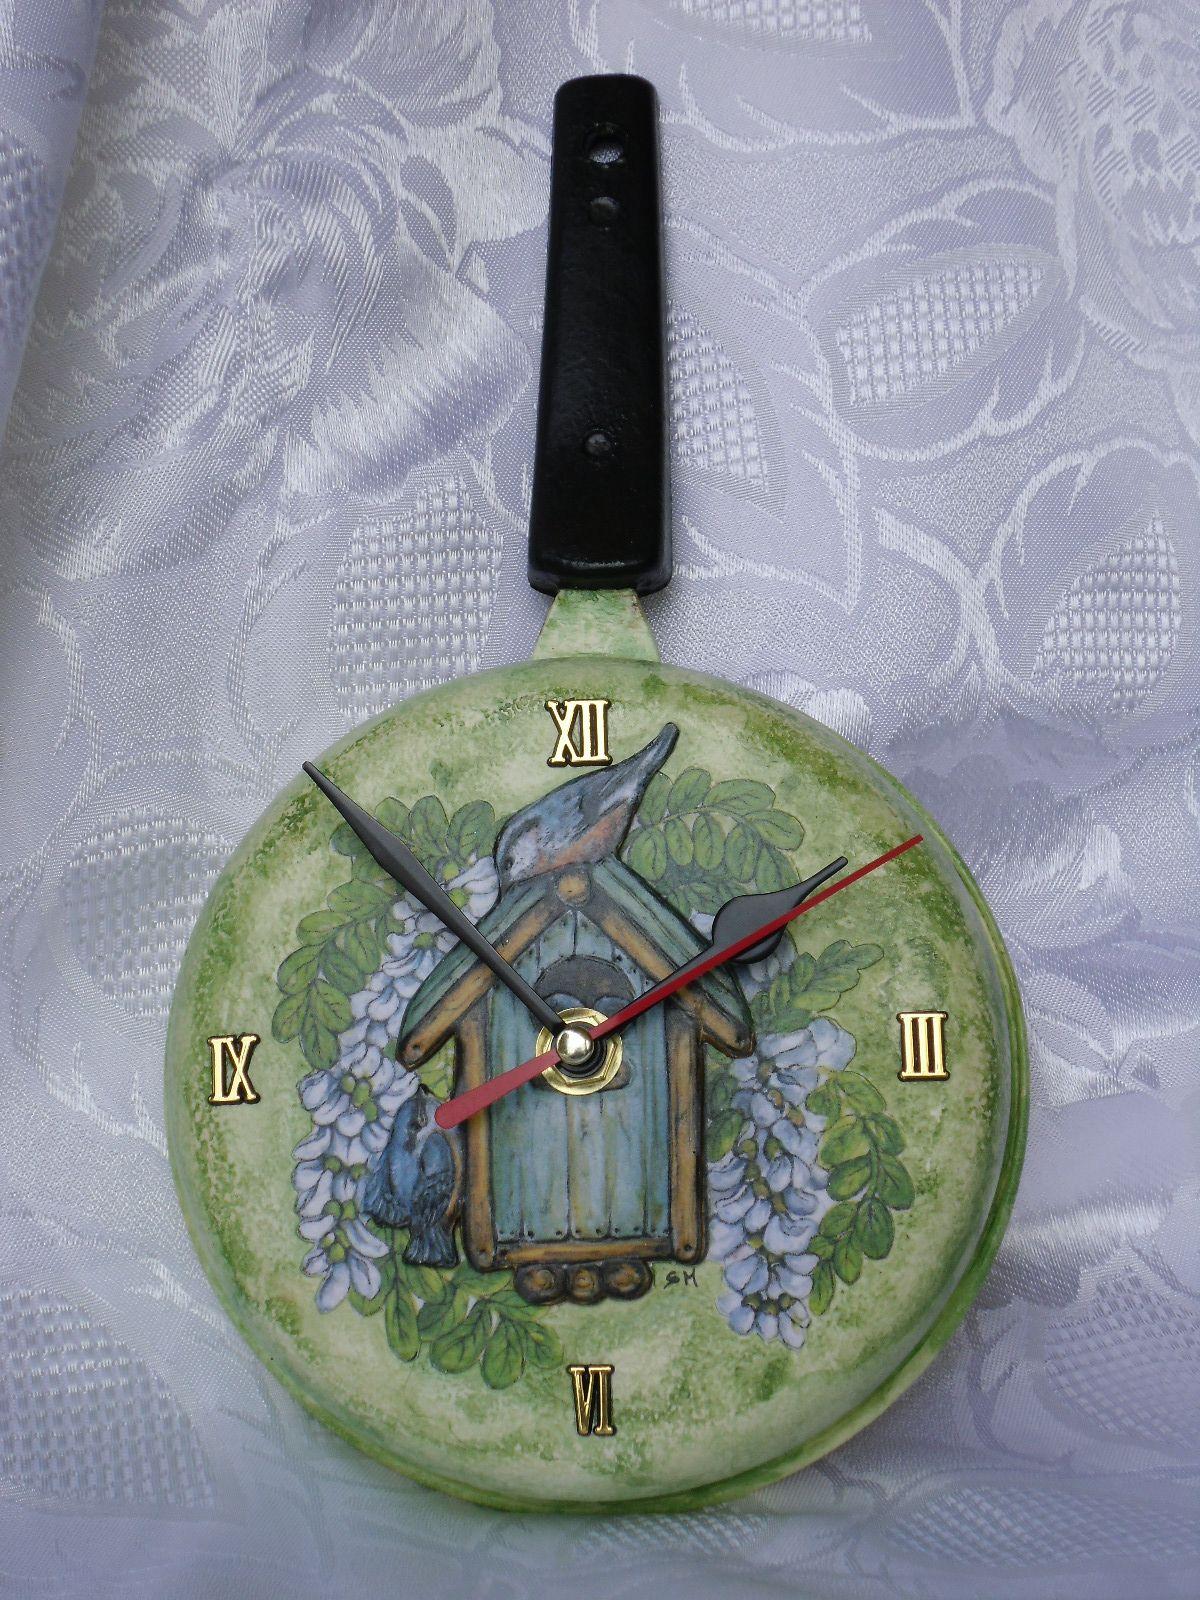 orologio\padella con casetta e ucciellini, decoupage 3D effetto bassorilievo